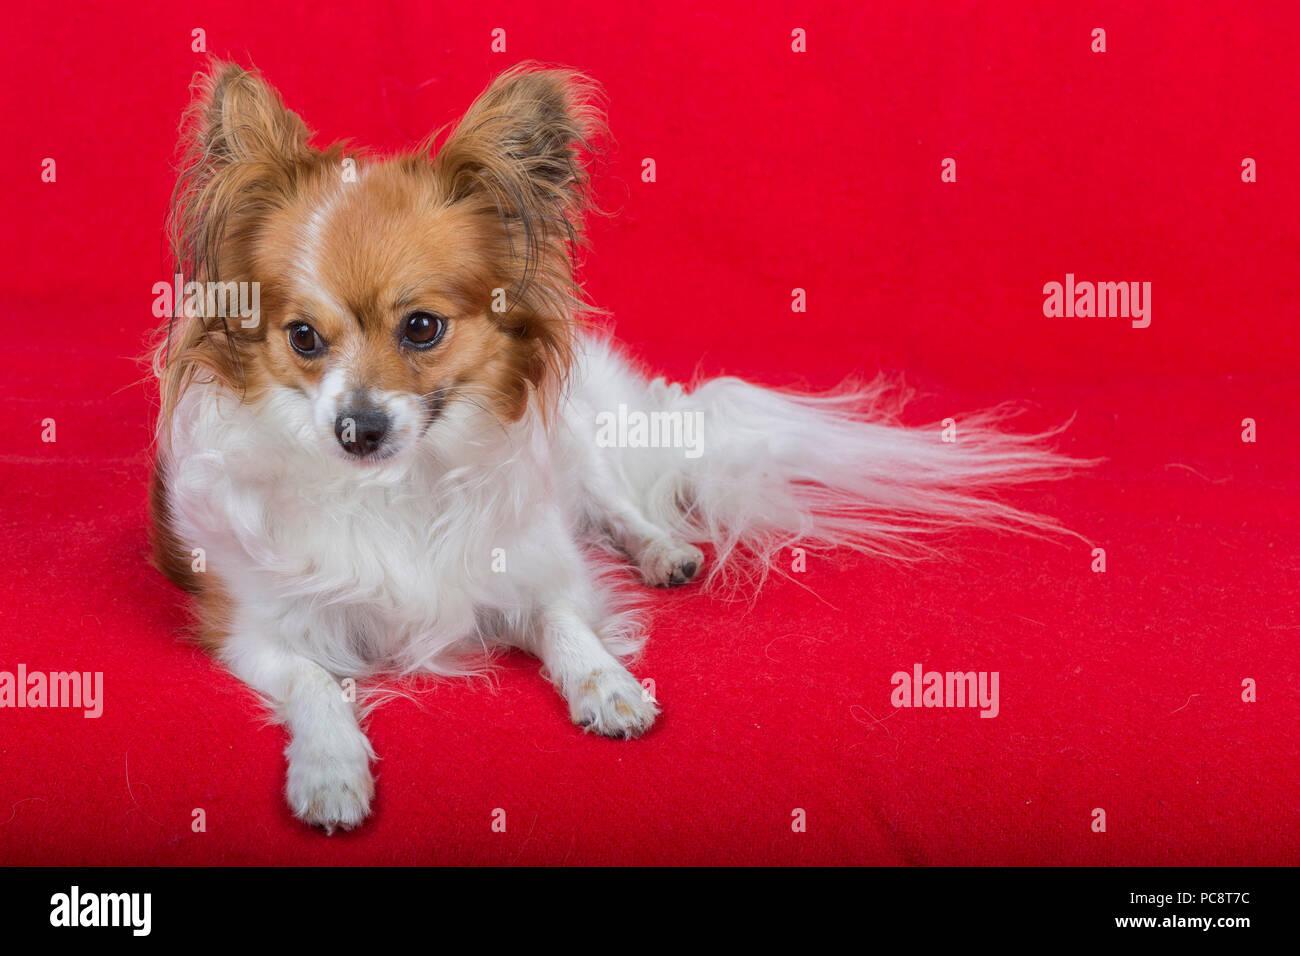 Cane papillon su uno sfondo di colore rosso. Foto Stock